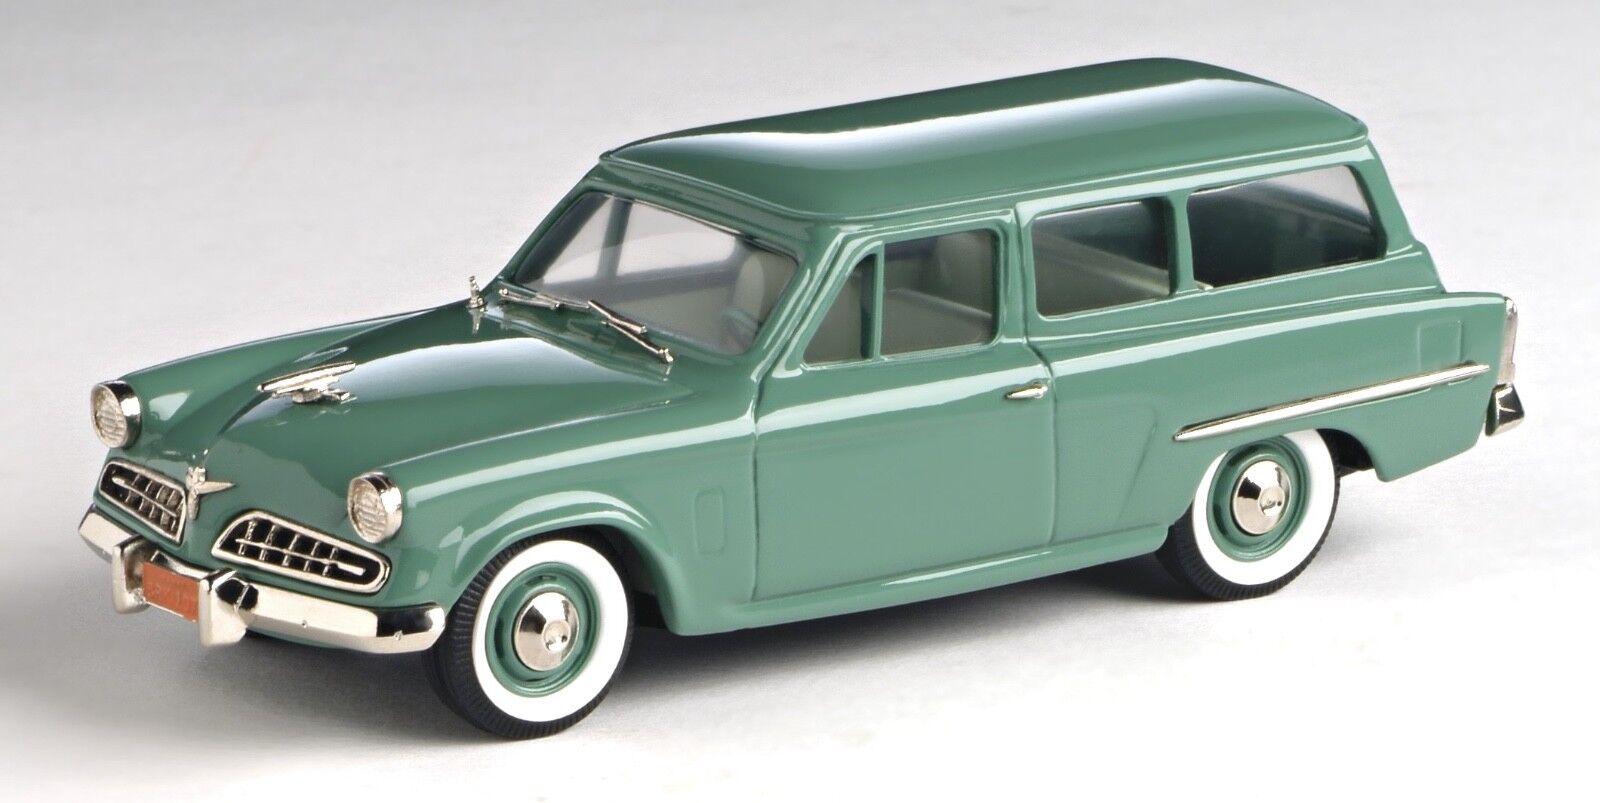 Brooklin BRK 107 - 1954 Studebaker  Conestoga - Made in England  votre satisfaction est notre cible